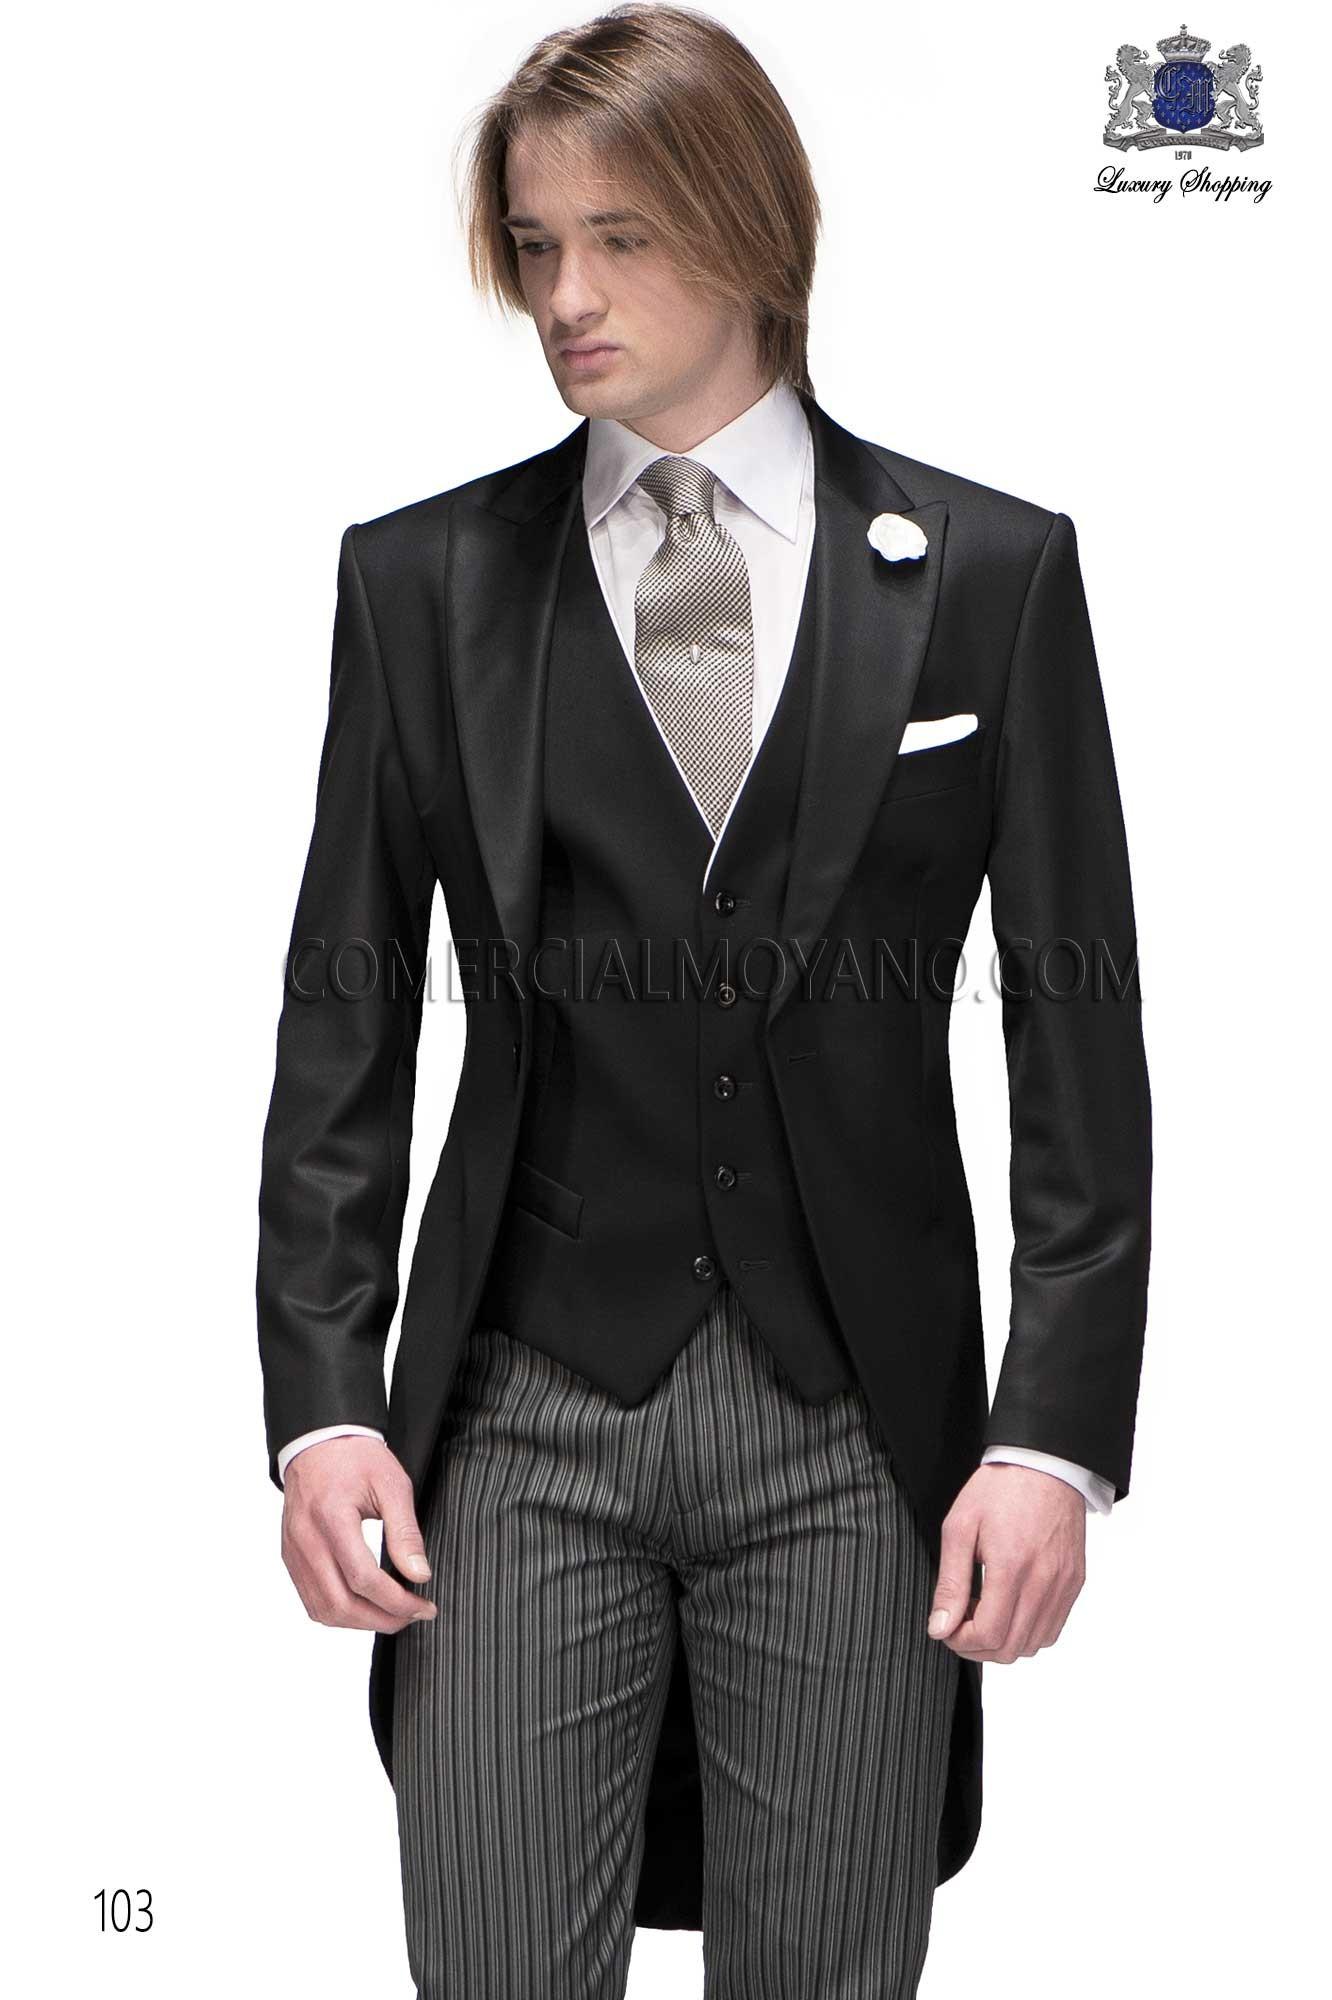 Traje Gentleman de novio negro modelo: 103 Ottavio Nuccio Gala colección Gentleman